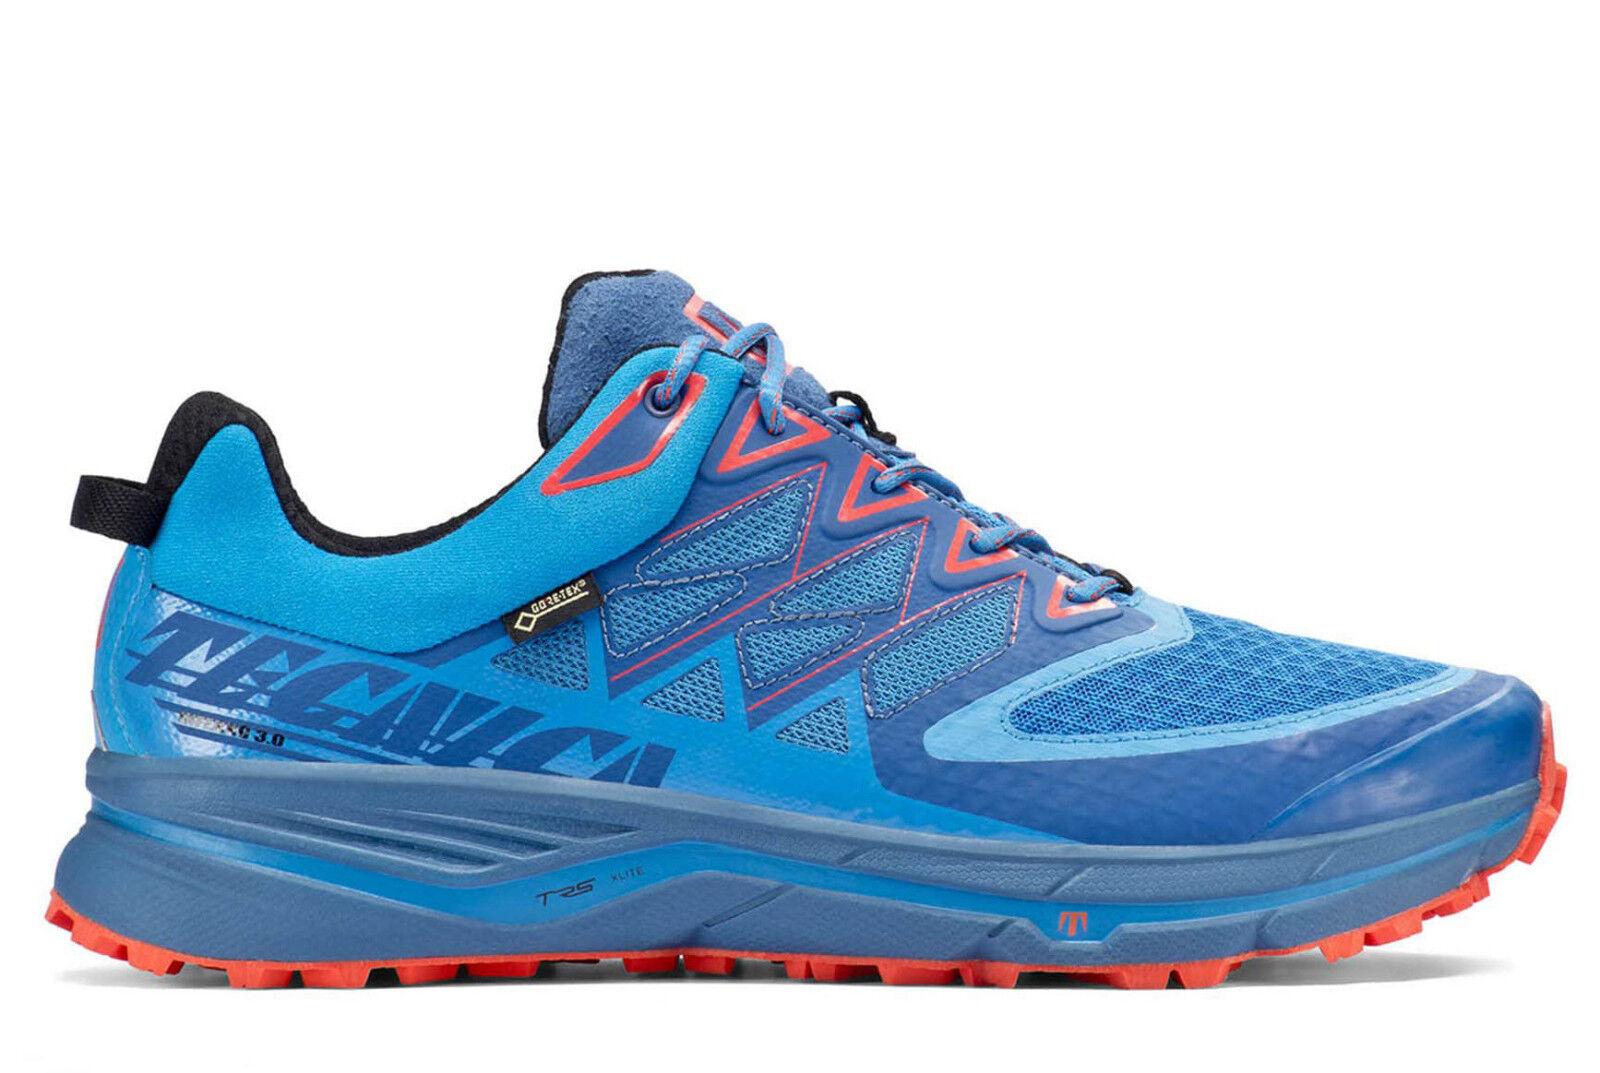 Tecnica trailschuh Inferno xlite 3.0 GTX talla 42 UE us 9 8 zapato azul MN j18